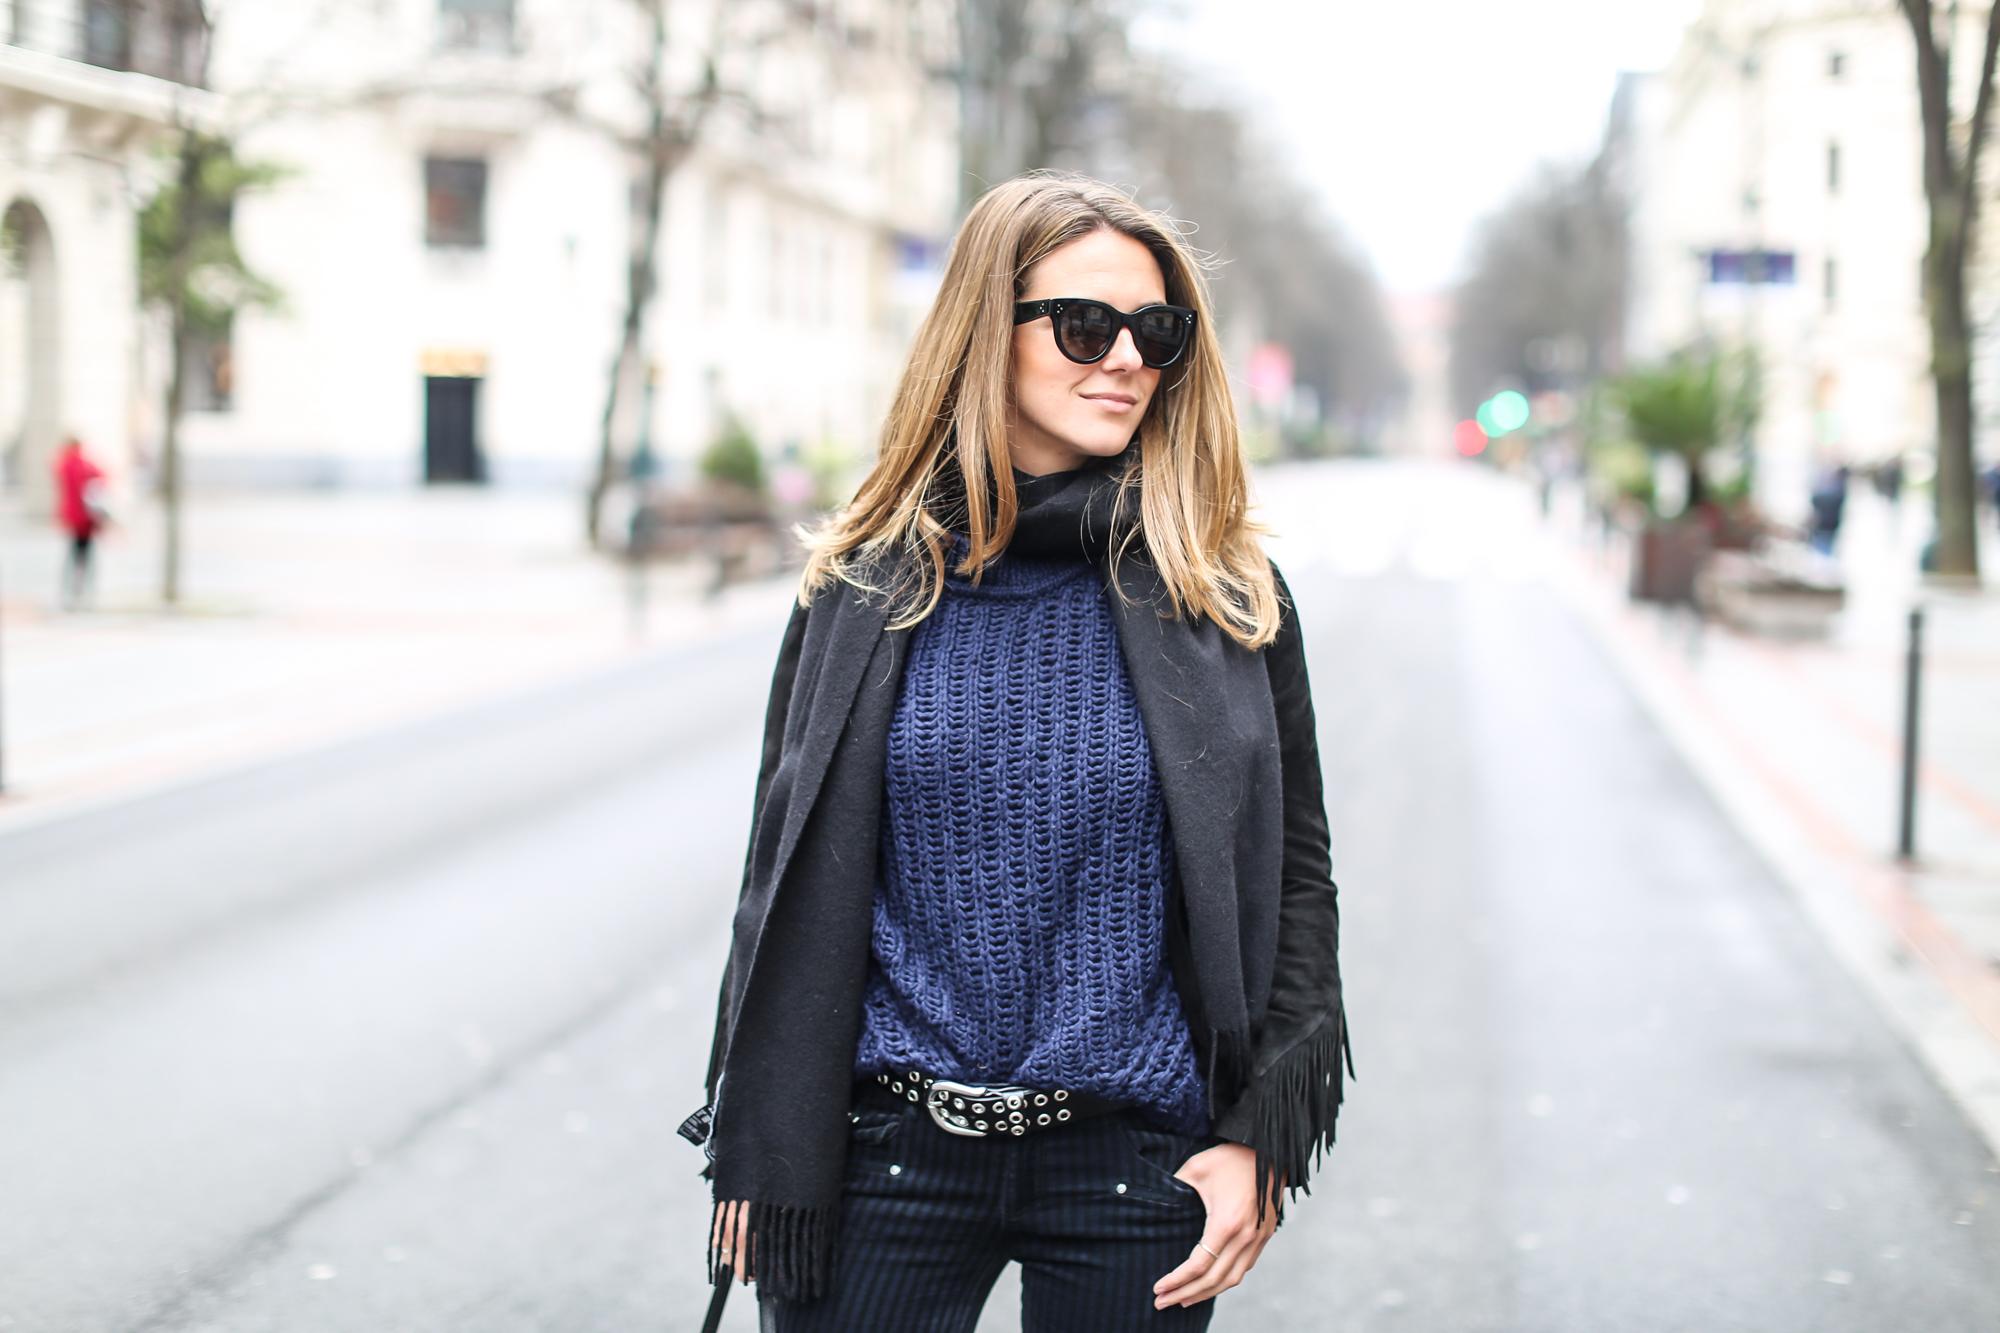 Clochet_streetstyle_fashionblogger_purificacióngarcia_bolsotrangram_chaquetaanteflecosmaje-4